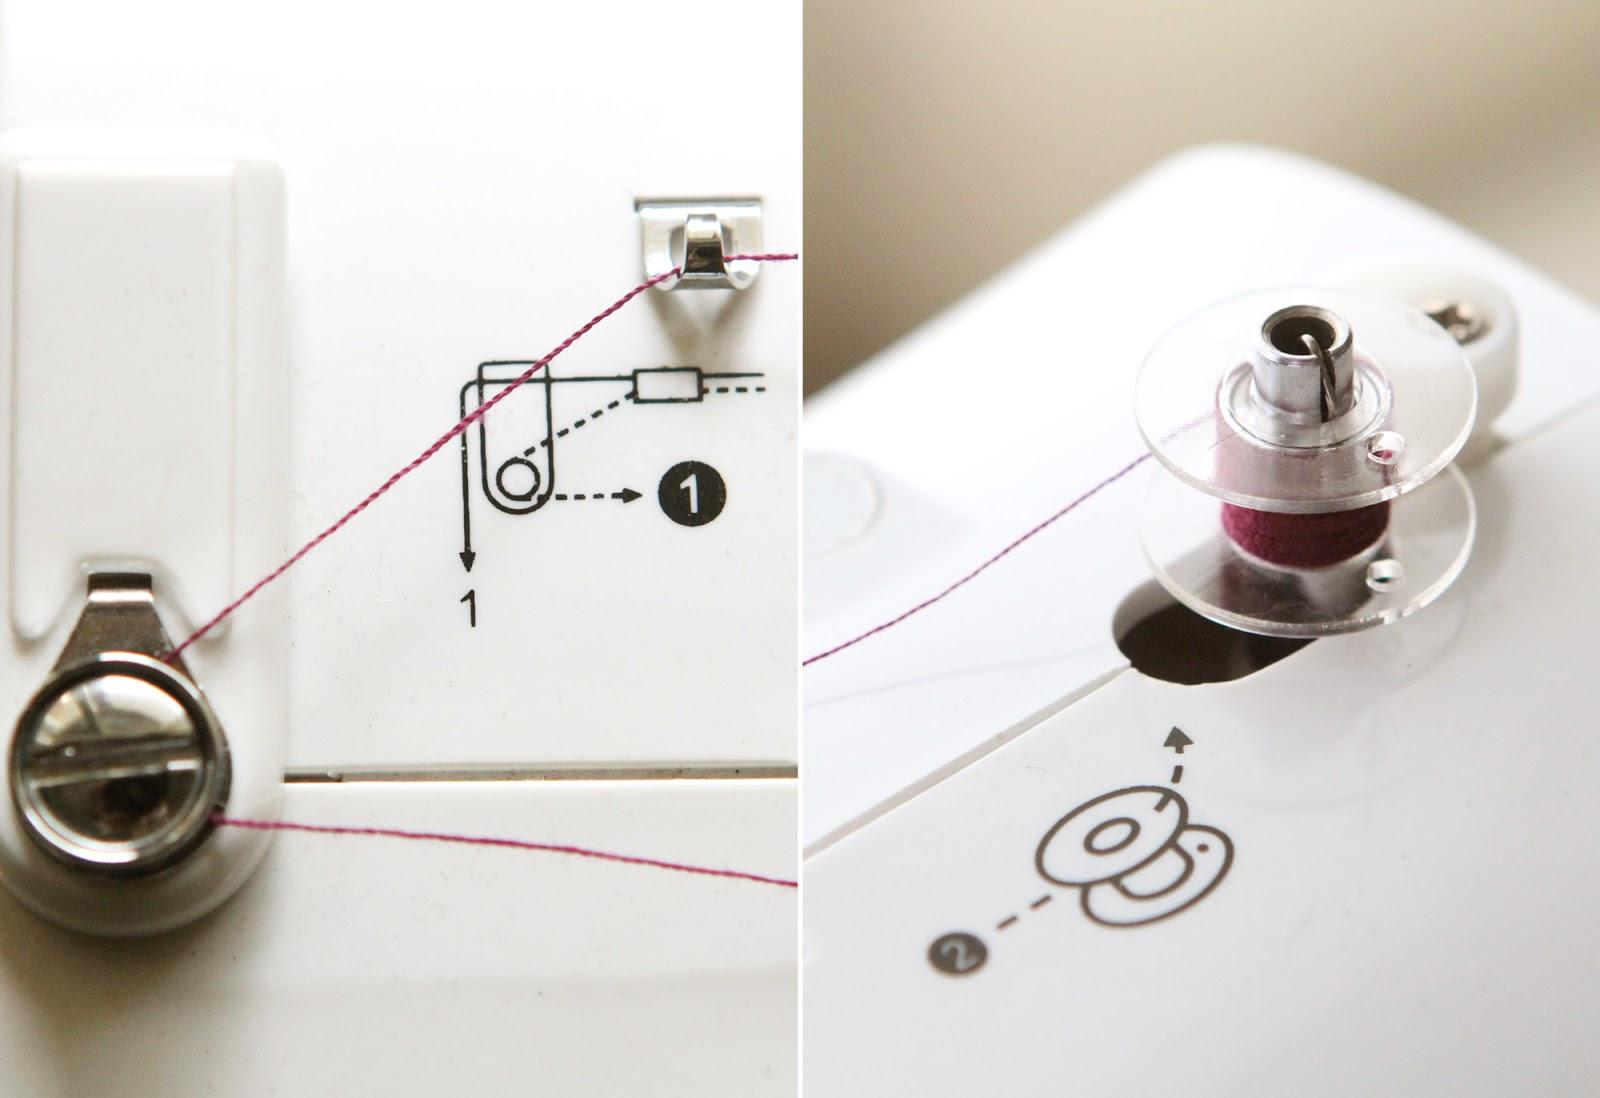 Nähmaschine Unterfaden Aufspulen : n hmaschine unterfaden aufspulen inspirierendes design f r wohnm bel ~ Eleganceandgraceweddings.com Haus und Dekorationen